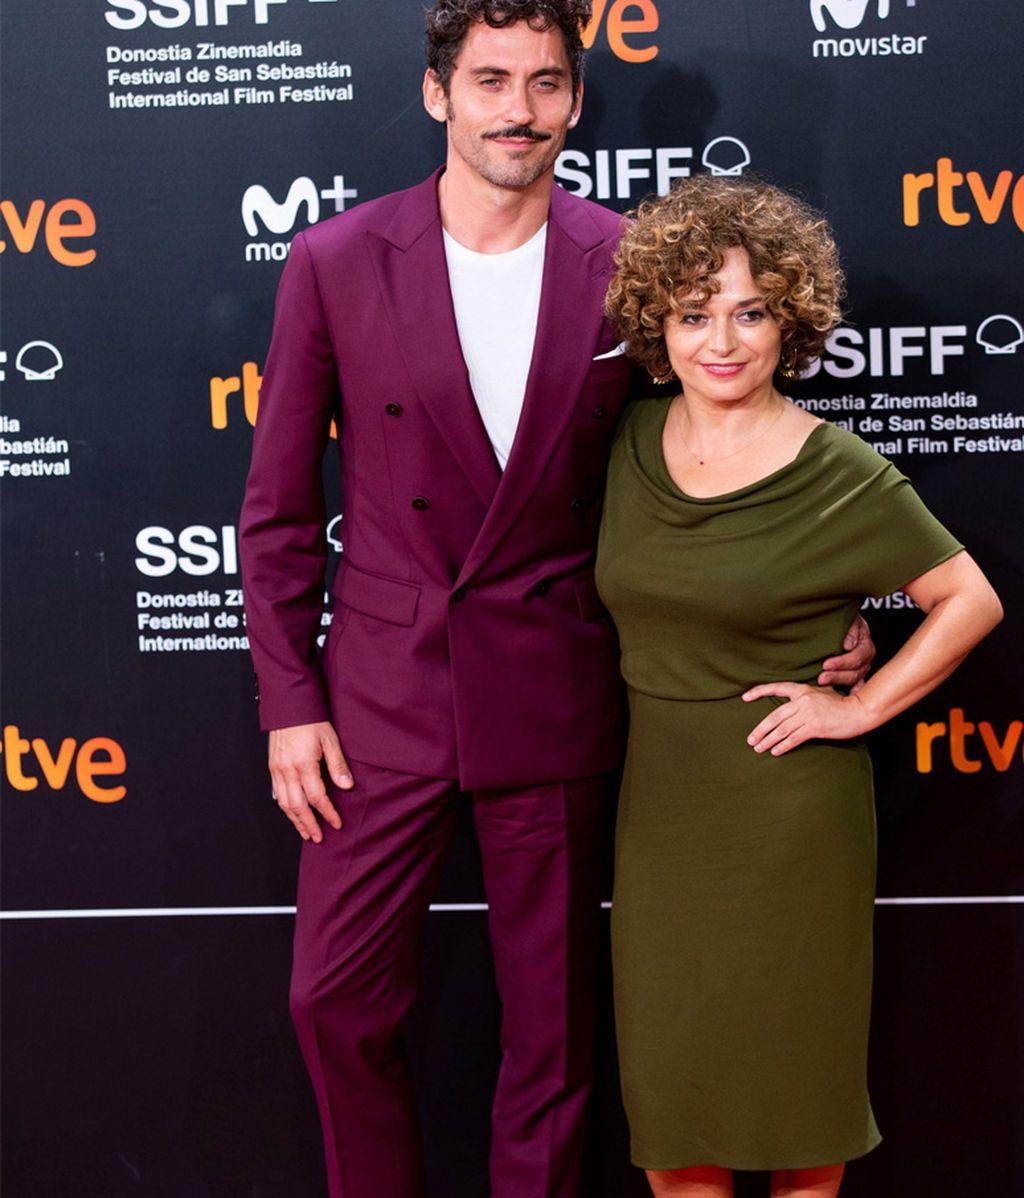 Paco León y Anna R. Costa en el Festival de San Sebastián